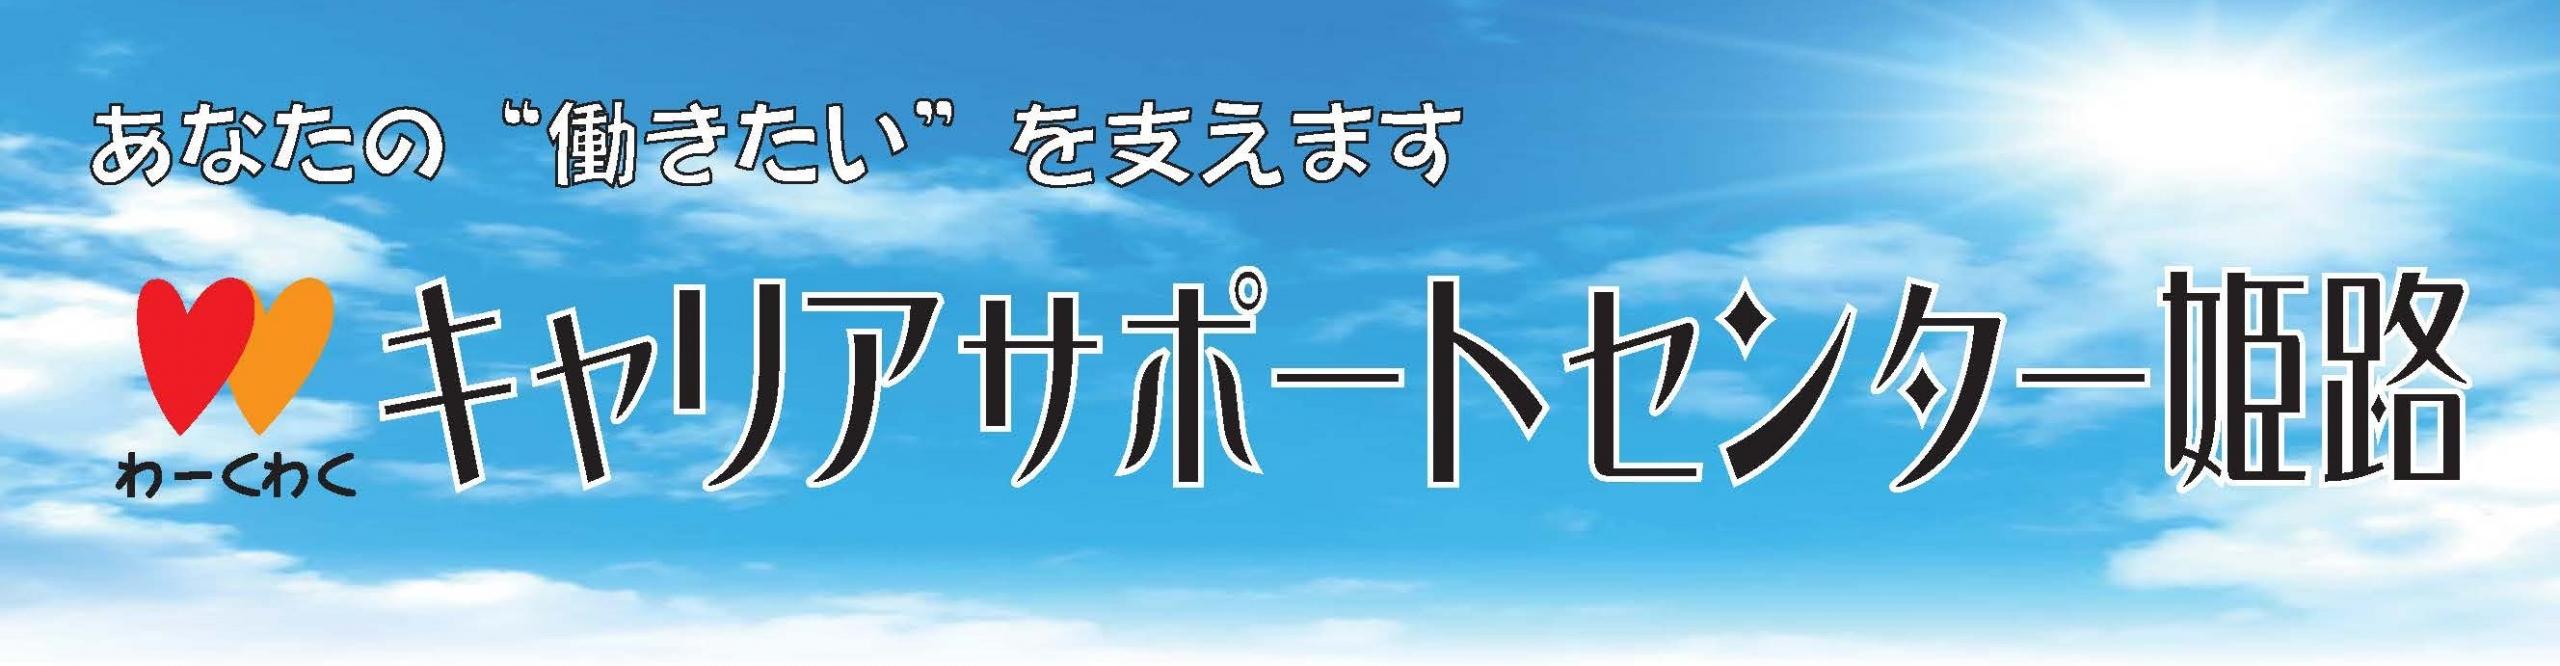 一般社団法人わーくわくねっと キャリアサポートセンター姫路